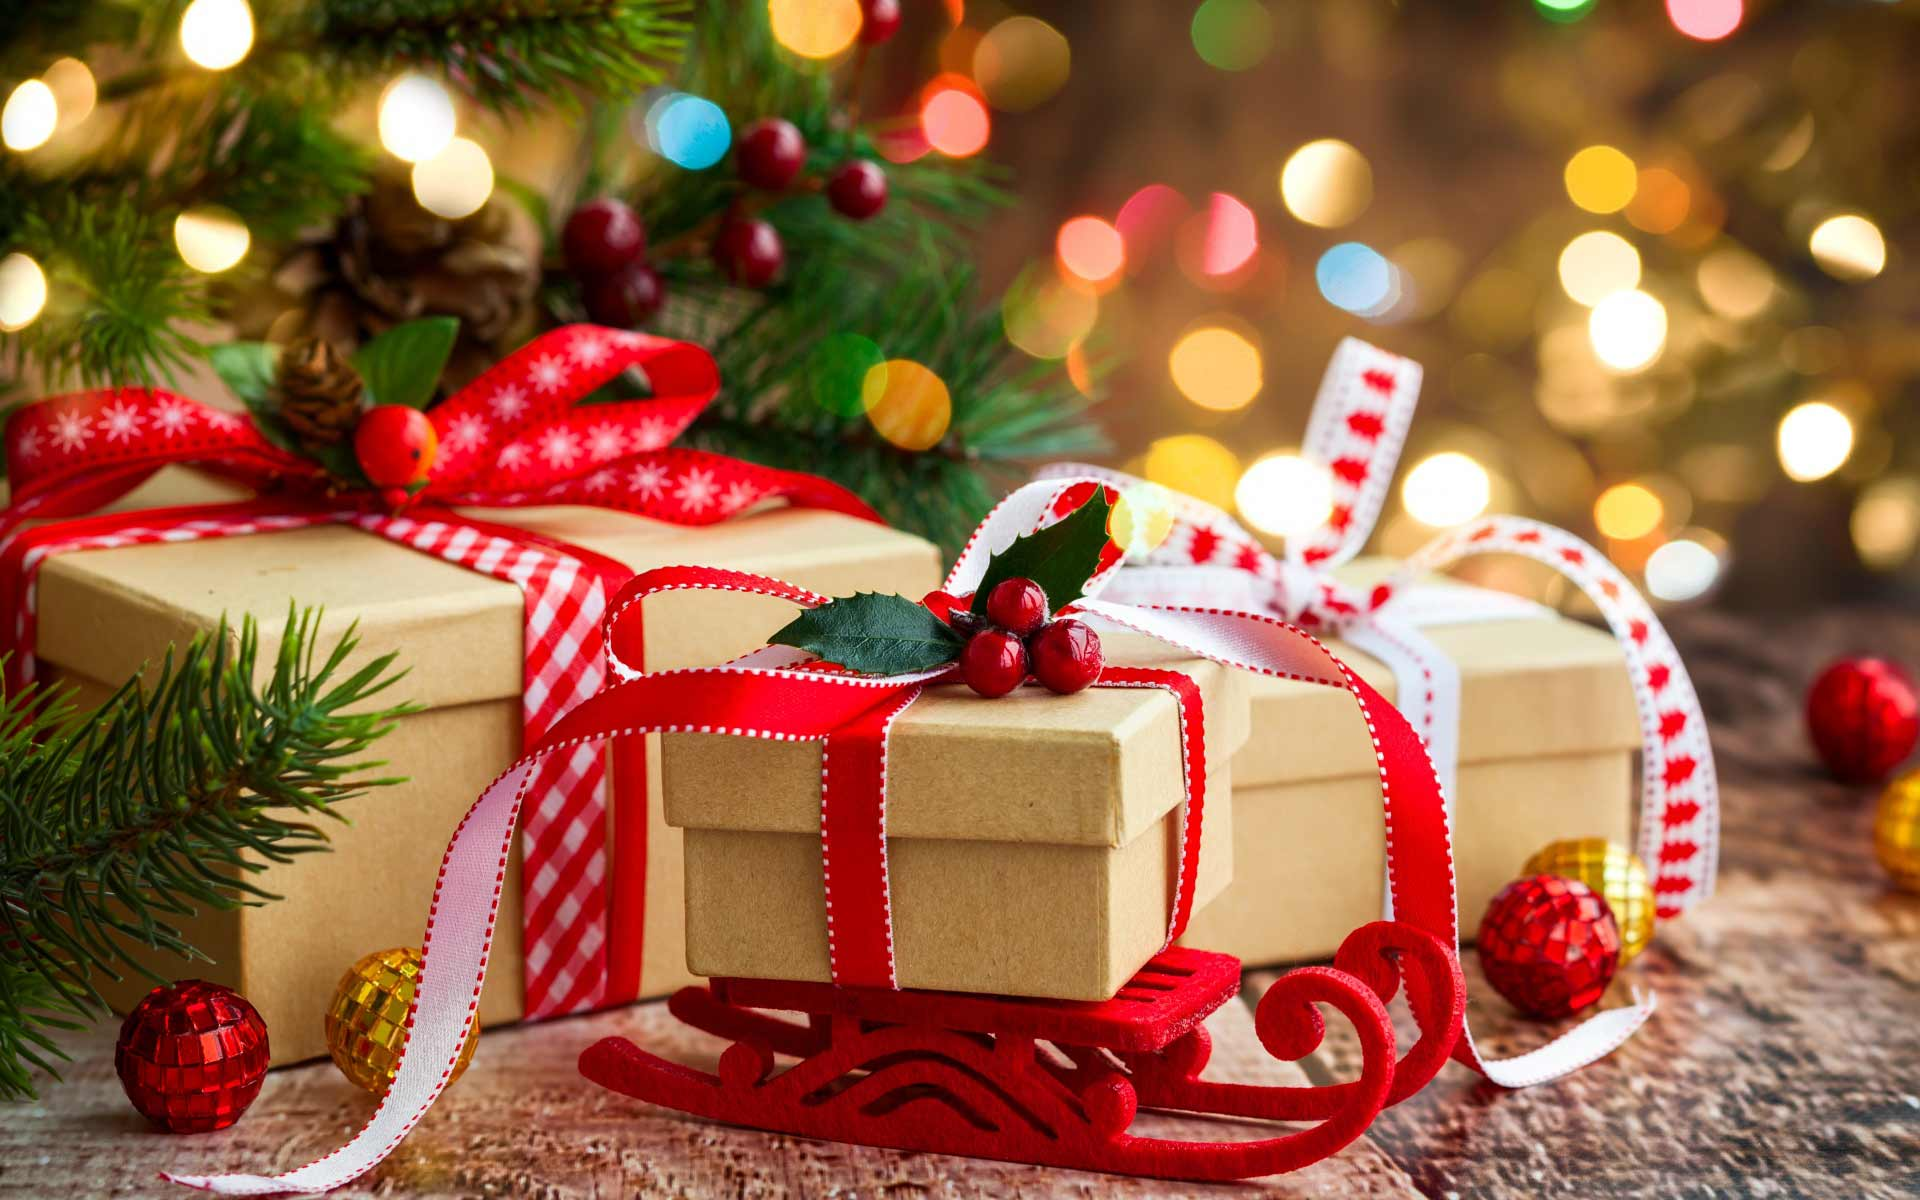 Вебинар: Новогодний маркетинг, или как увеличить продажи перед Новым годом